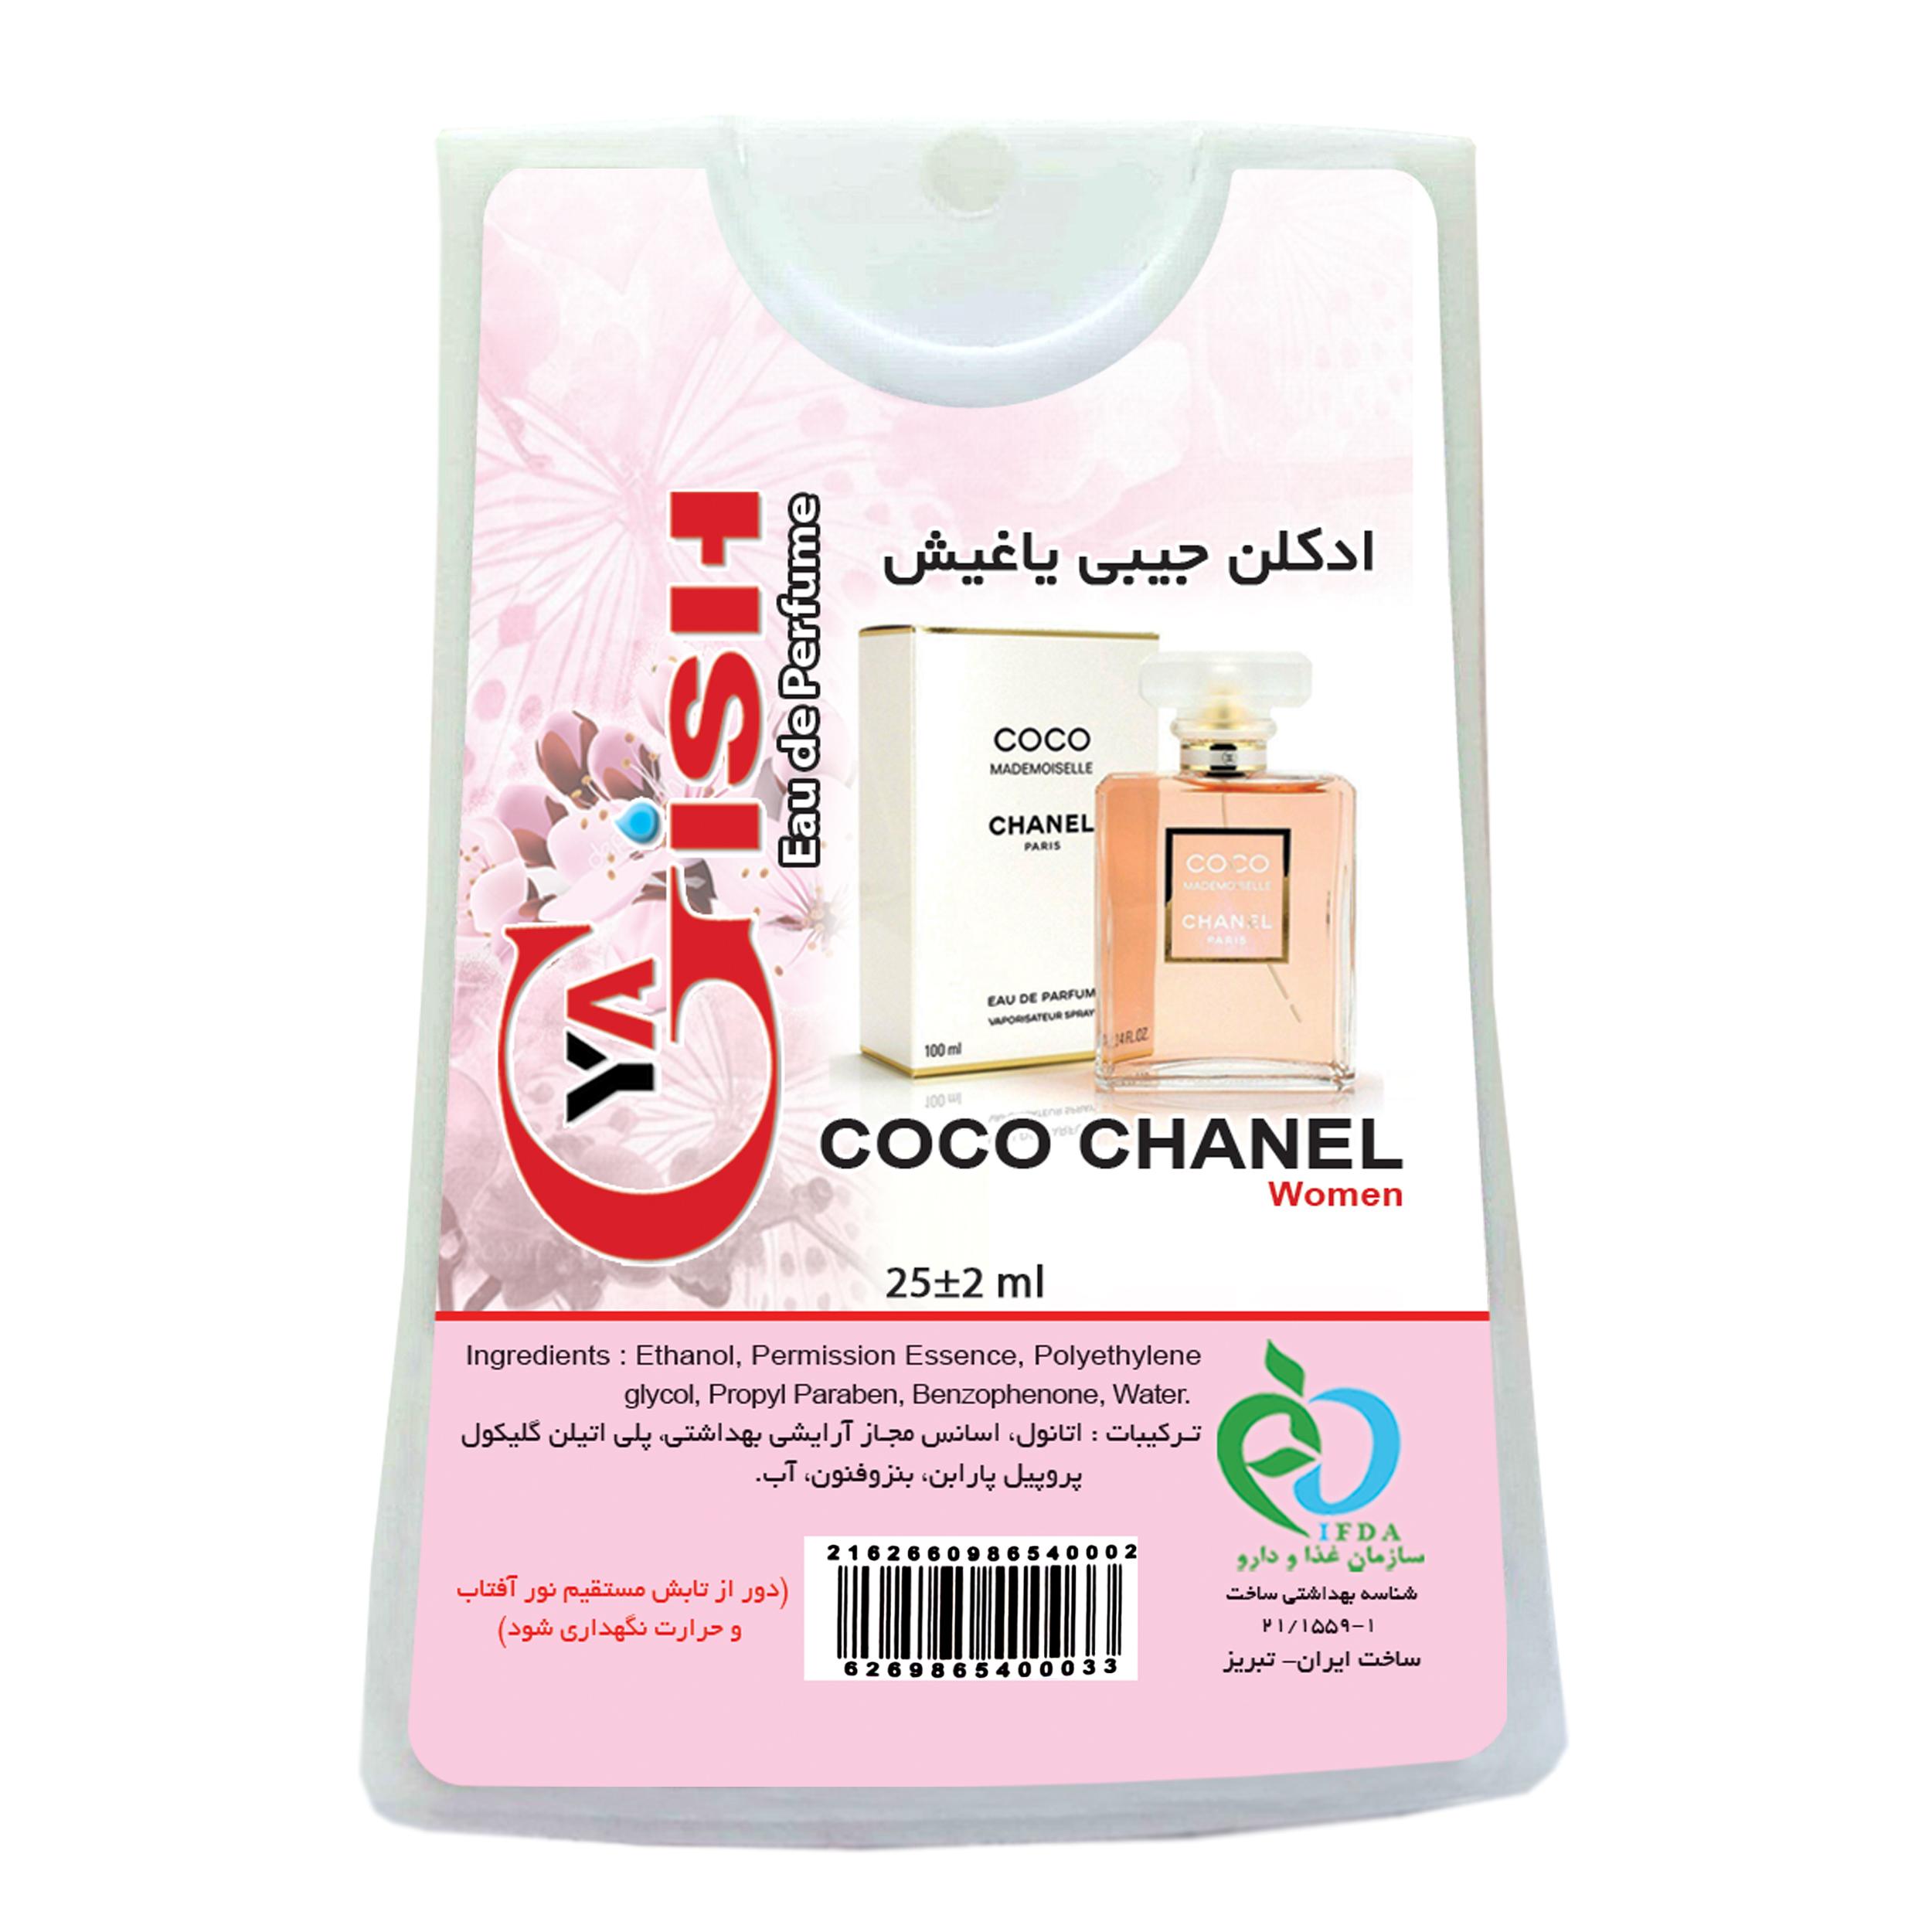 عطر جیبی زنانه یاغیش مدل COCO CHANEL حجم 25 میلی لیتر